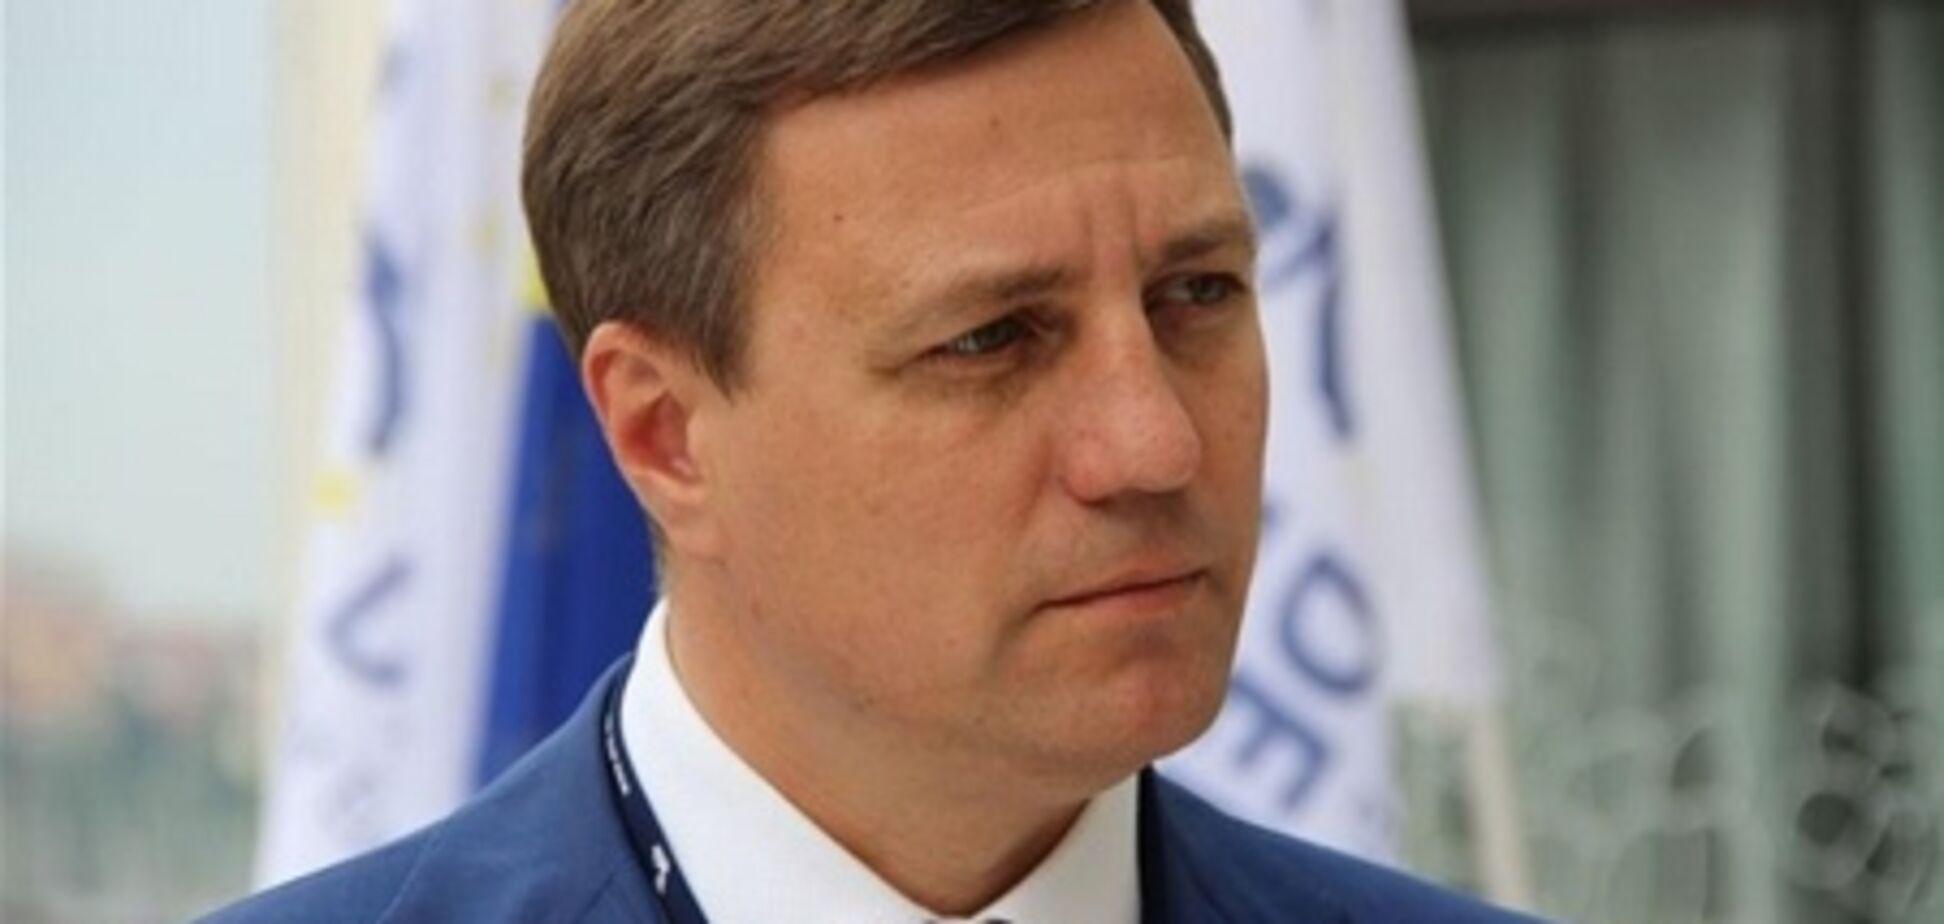 Катеринчук считает провальной реконструкцию Почтовой площади в Киеве